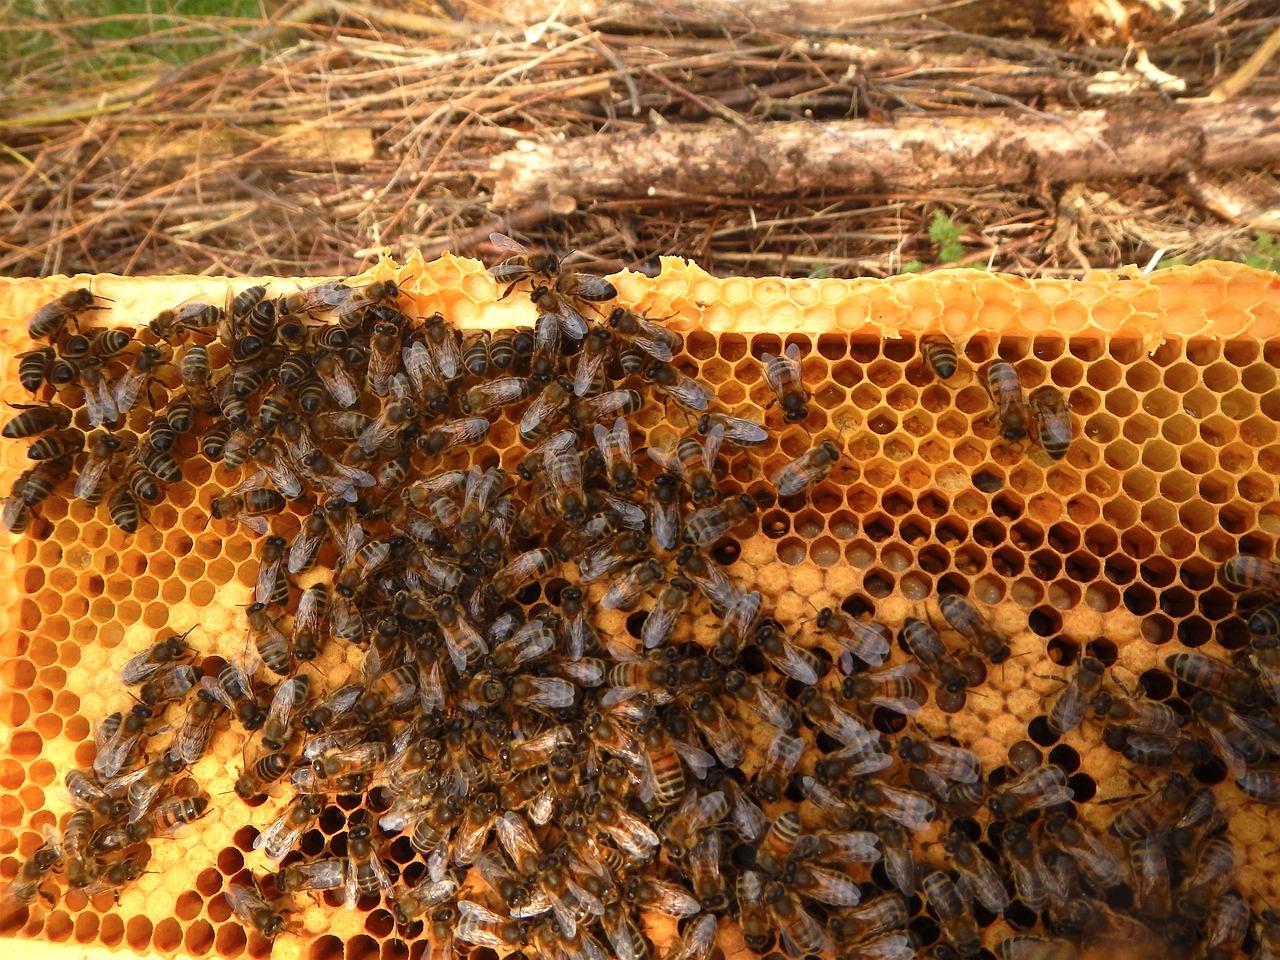 пчеловод улей пчелы картинки занимается художественной фотографией